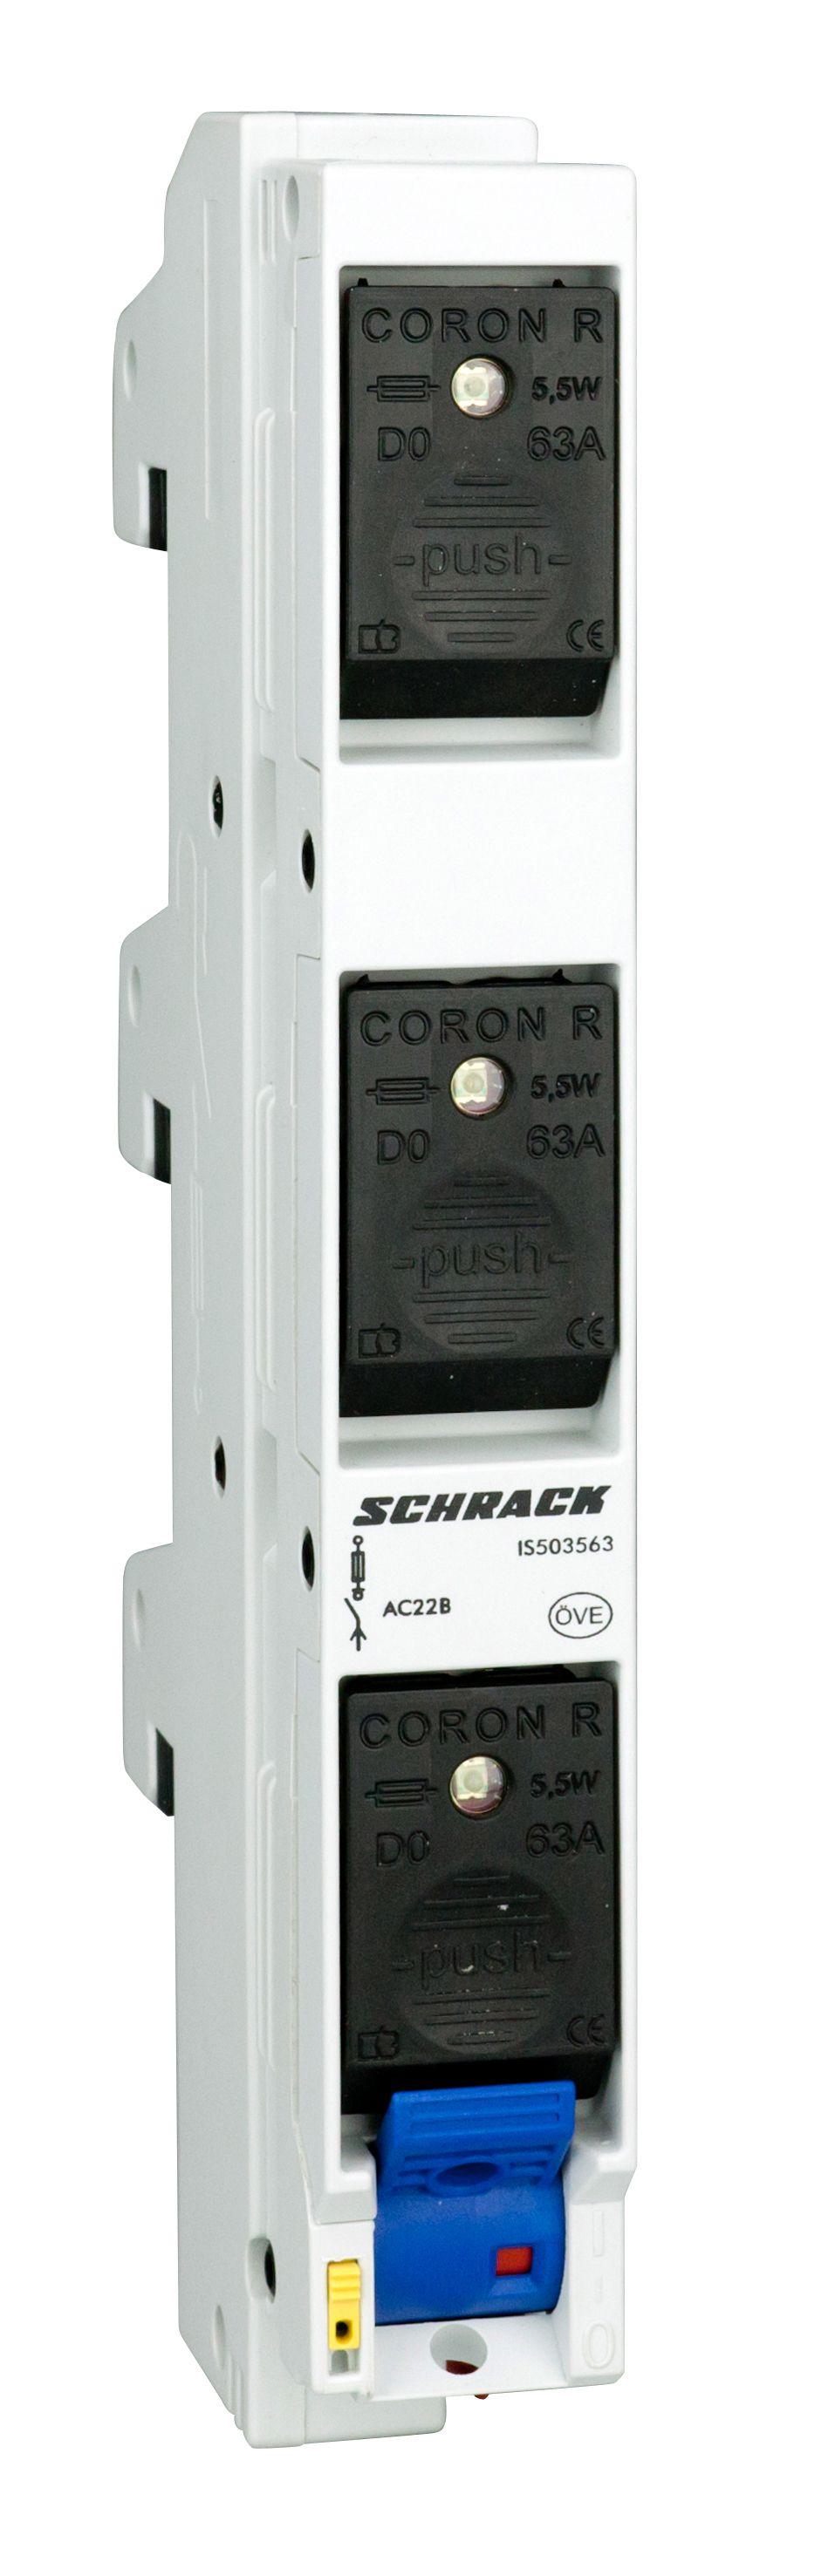 1 Stk CORON R Lasttrennschalter D02, 3polig, 63A IS503563--